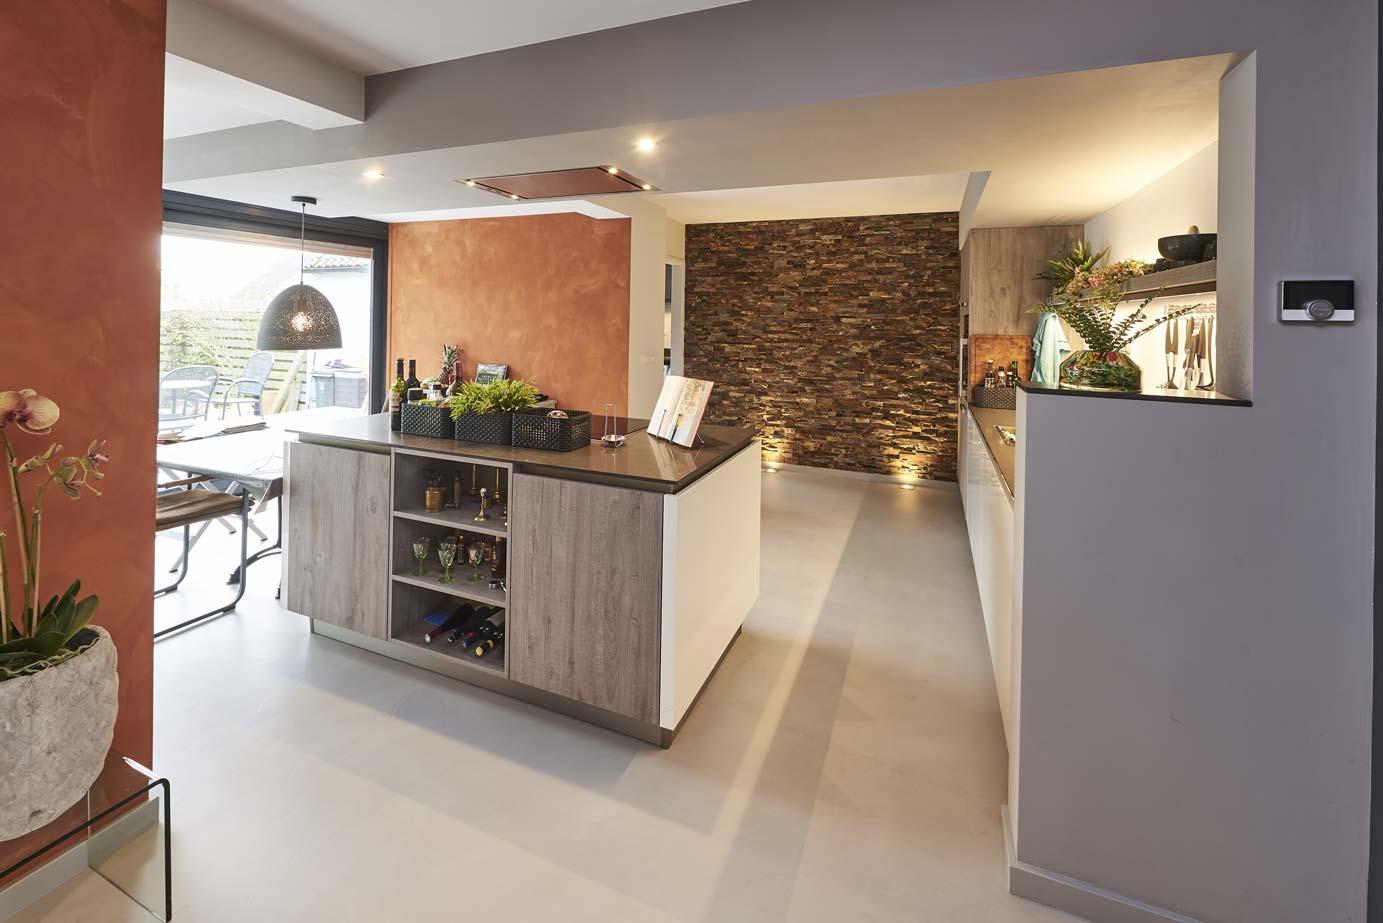 Keukeneiland Zelf Maken : Keuken zelf maken beste van zelf keuken plaatsen keukeneiland zelf